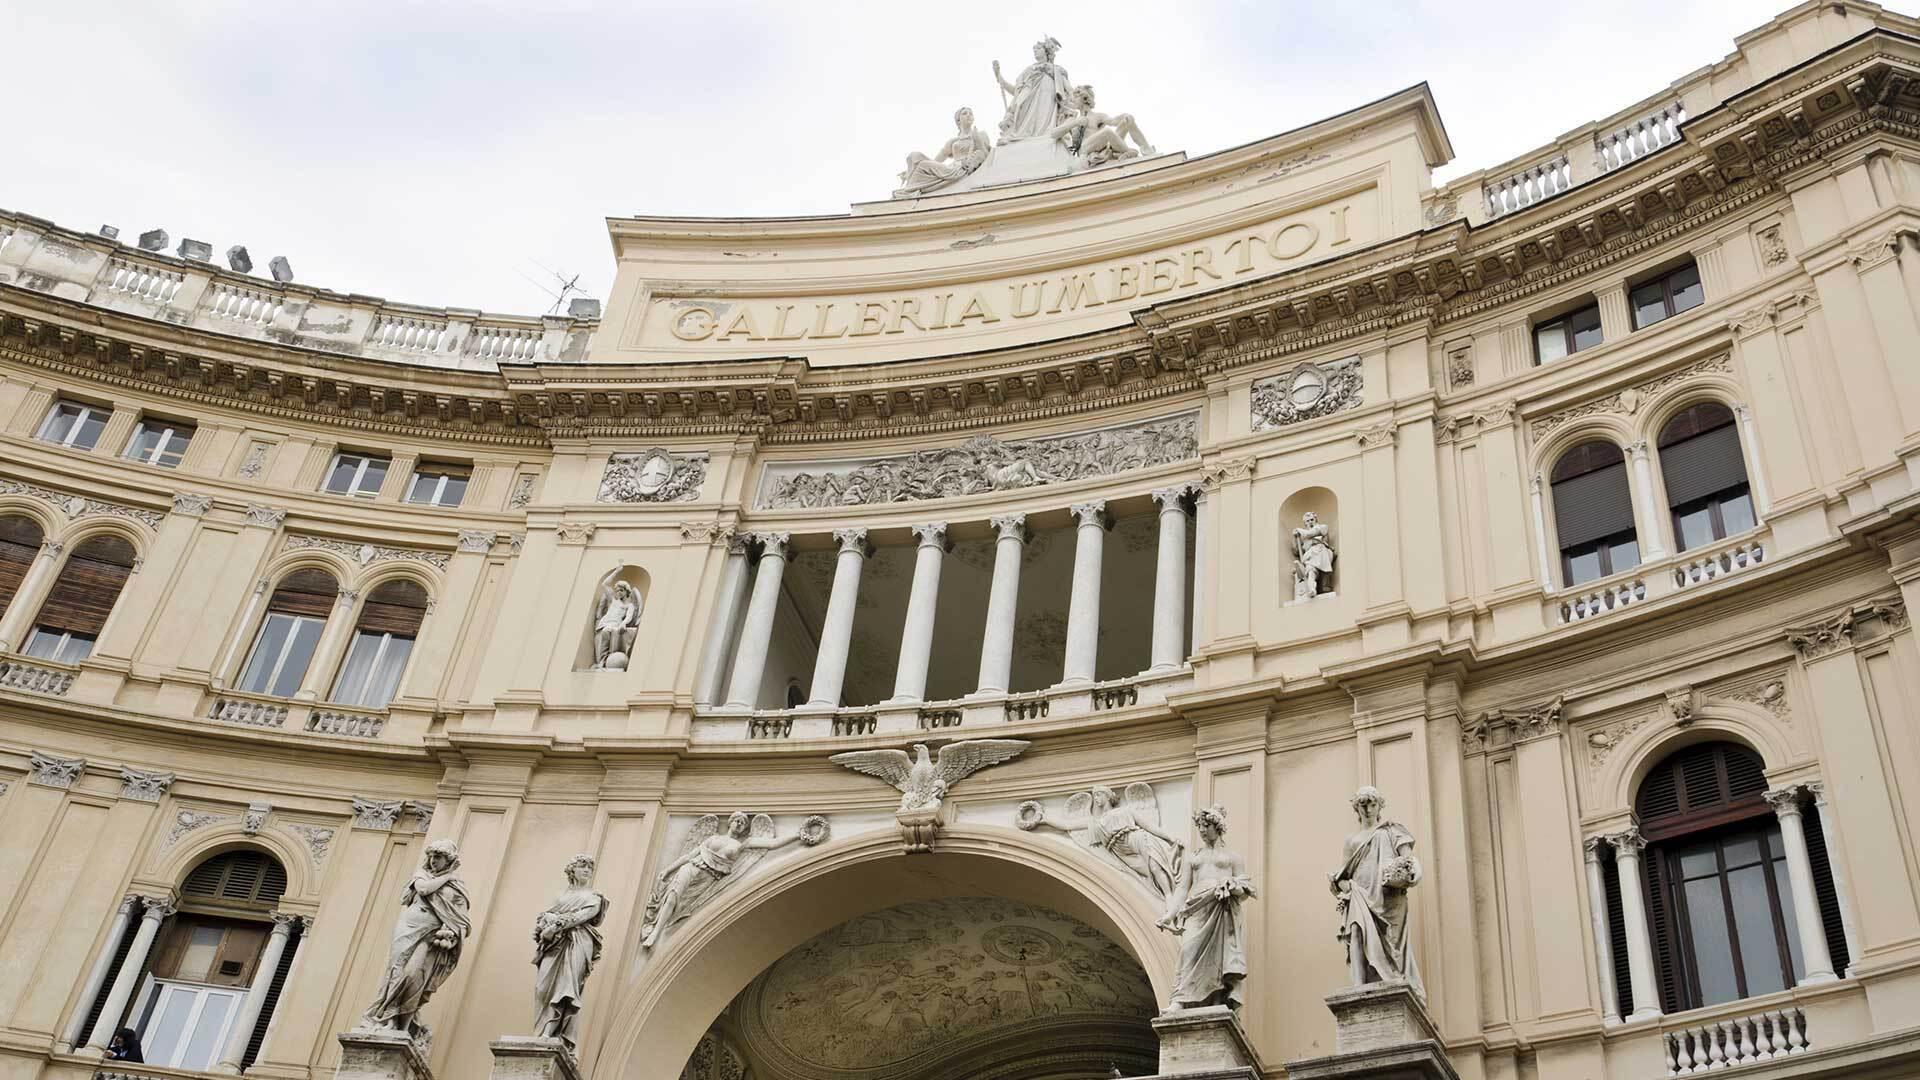 L'artistica Galleria Umberto I di Napoli